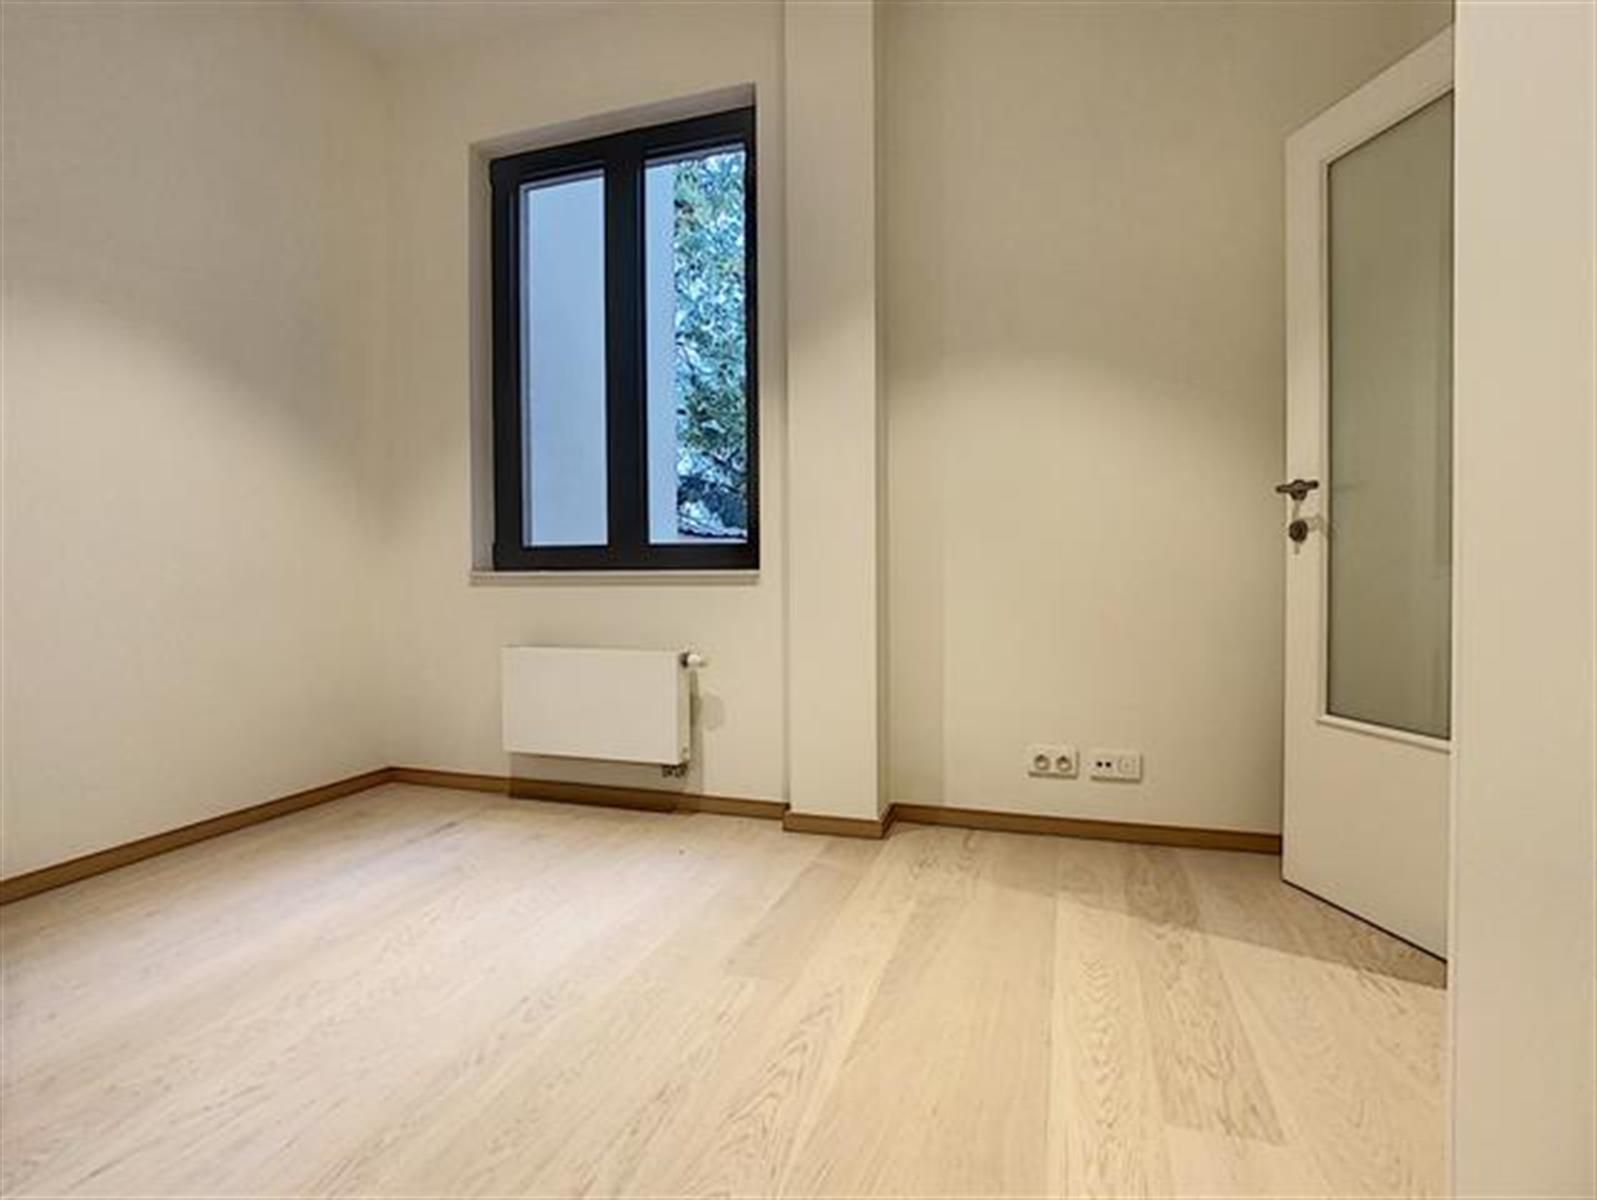 Flat - Ixelles - #4372458-11